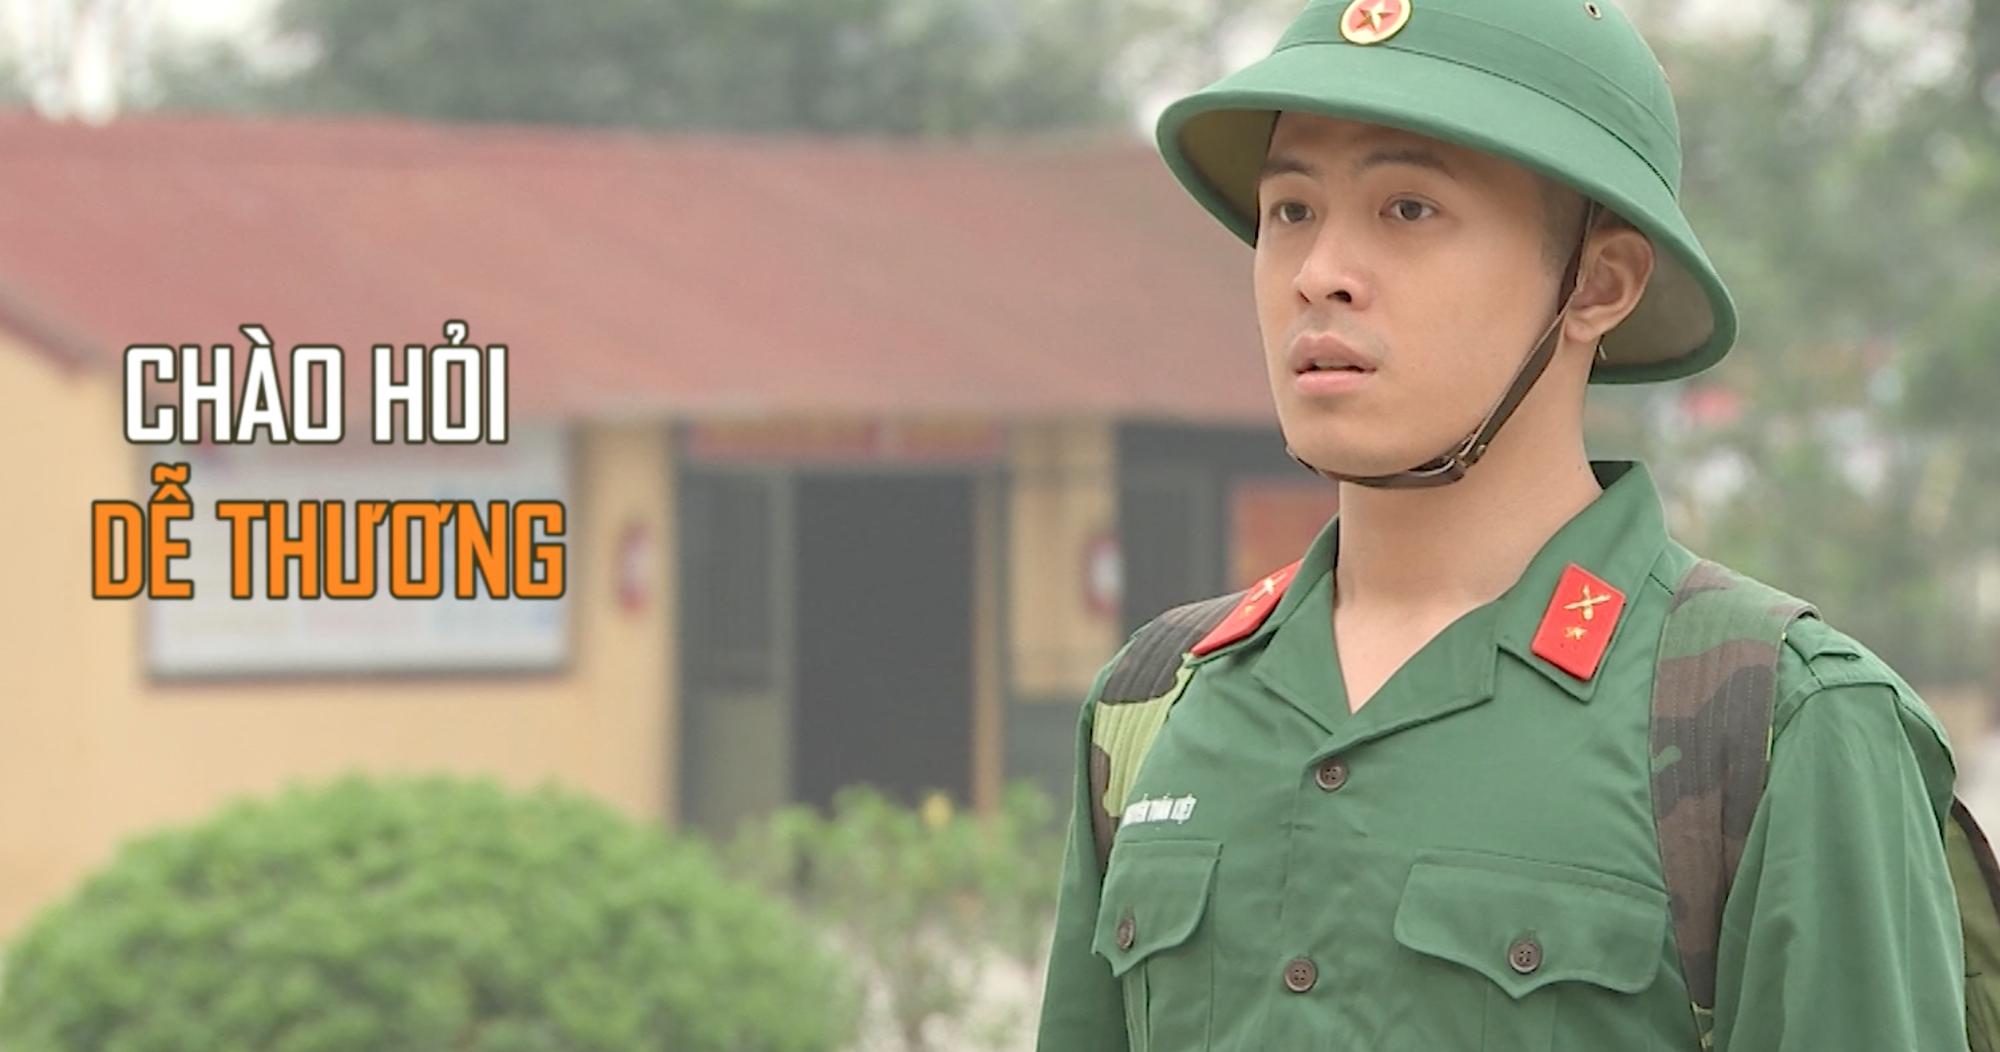 Sao nhập ngũ: Mới lên sóng tập đầu, Gin Tuấn Kiệt đã gây chú ý vì nhiều khoảnh khắc cực cute - Ảnh 2.